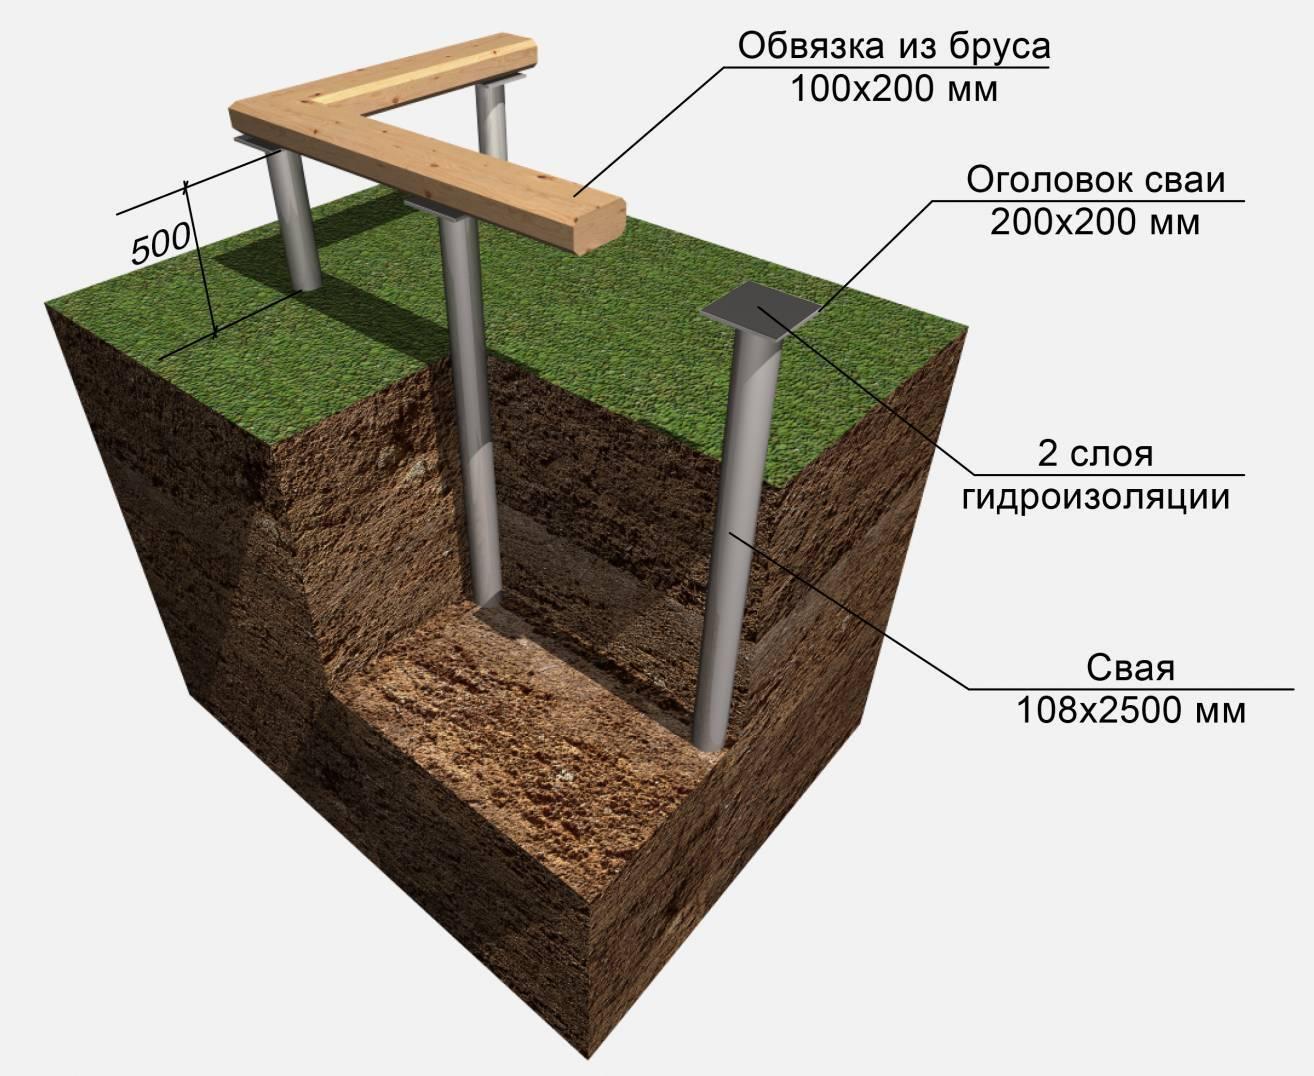 Свайно-ленточный фундамент: плюсы и минусы